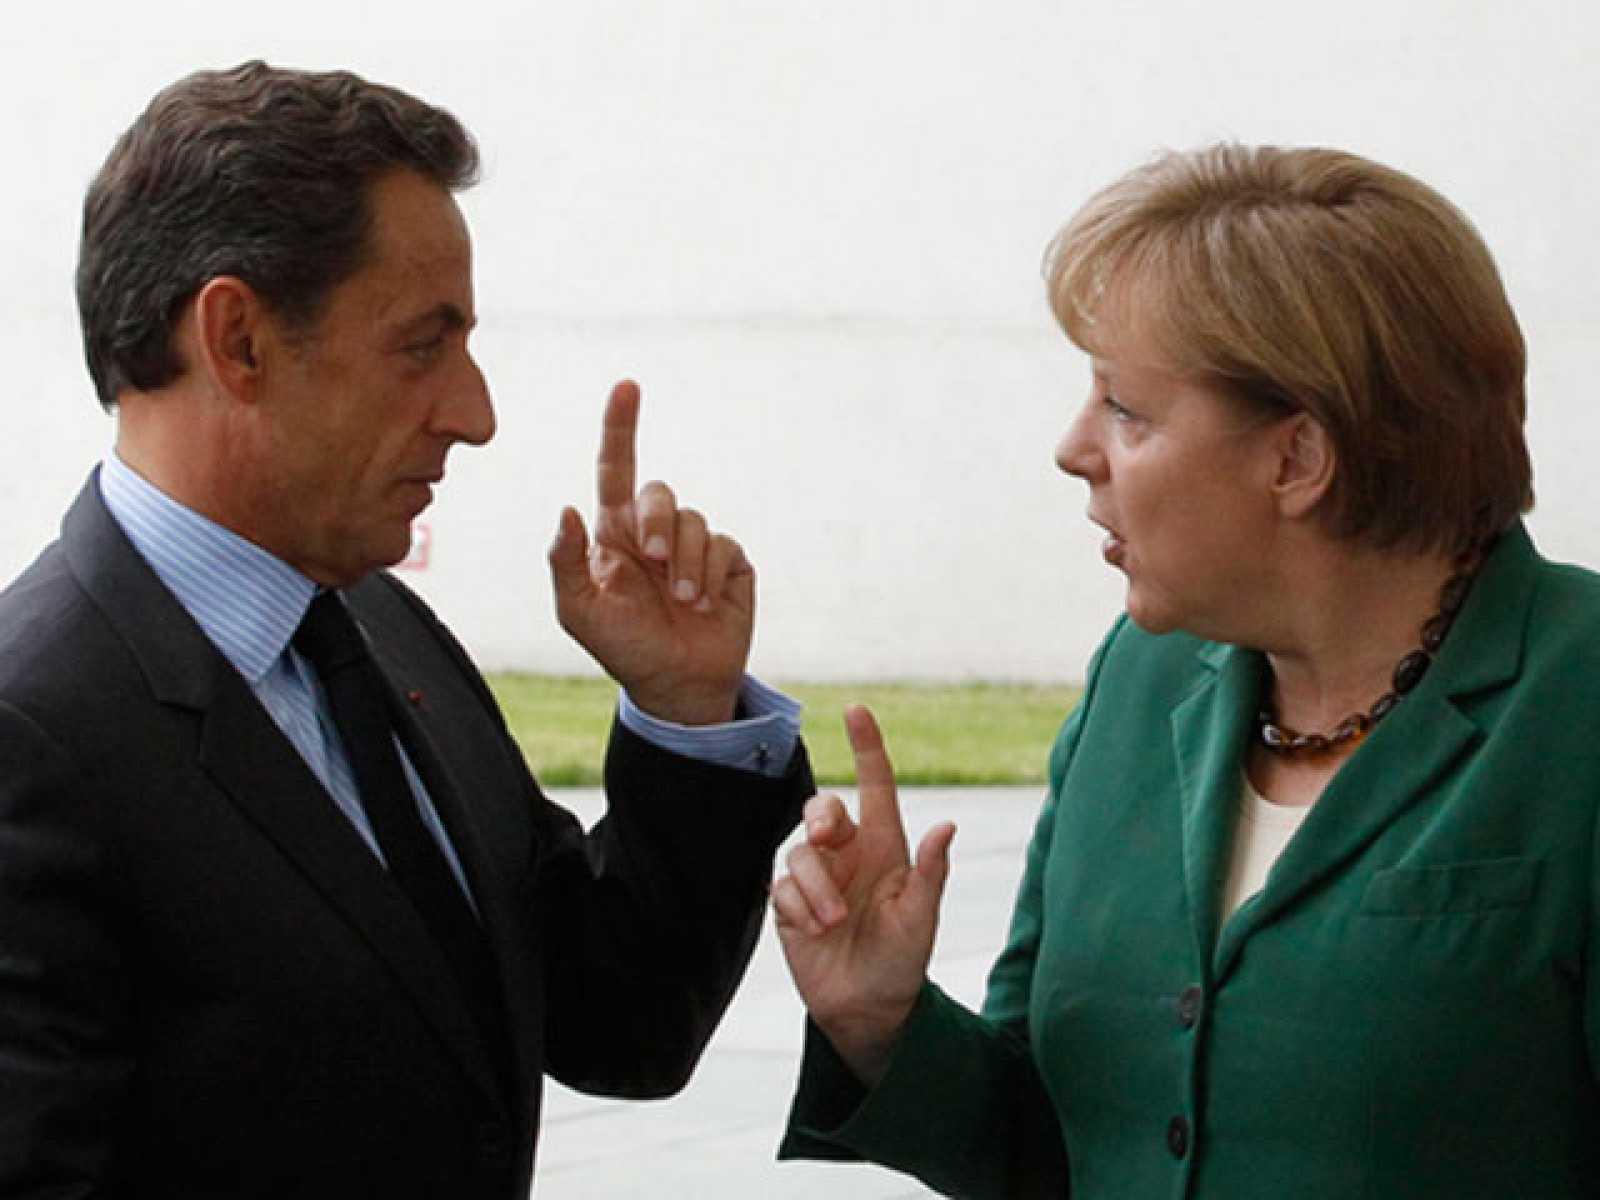 Los líderes europeos intensifican los contactos para un acuerdo previo a la cumbre sobre Grecia